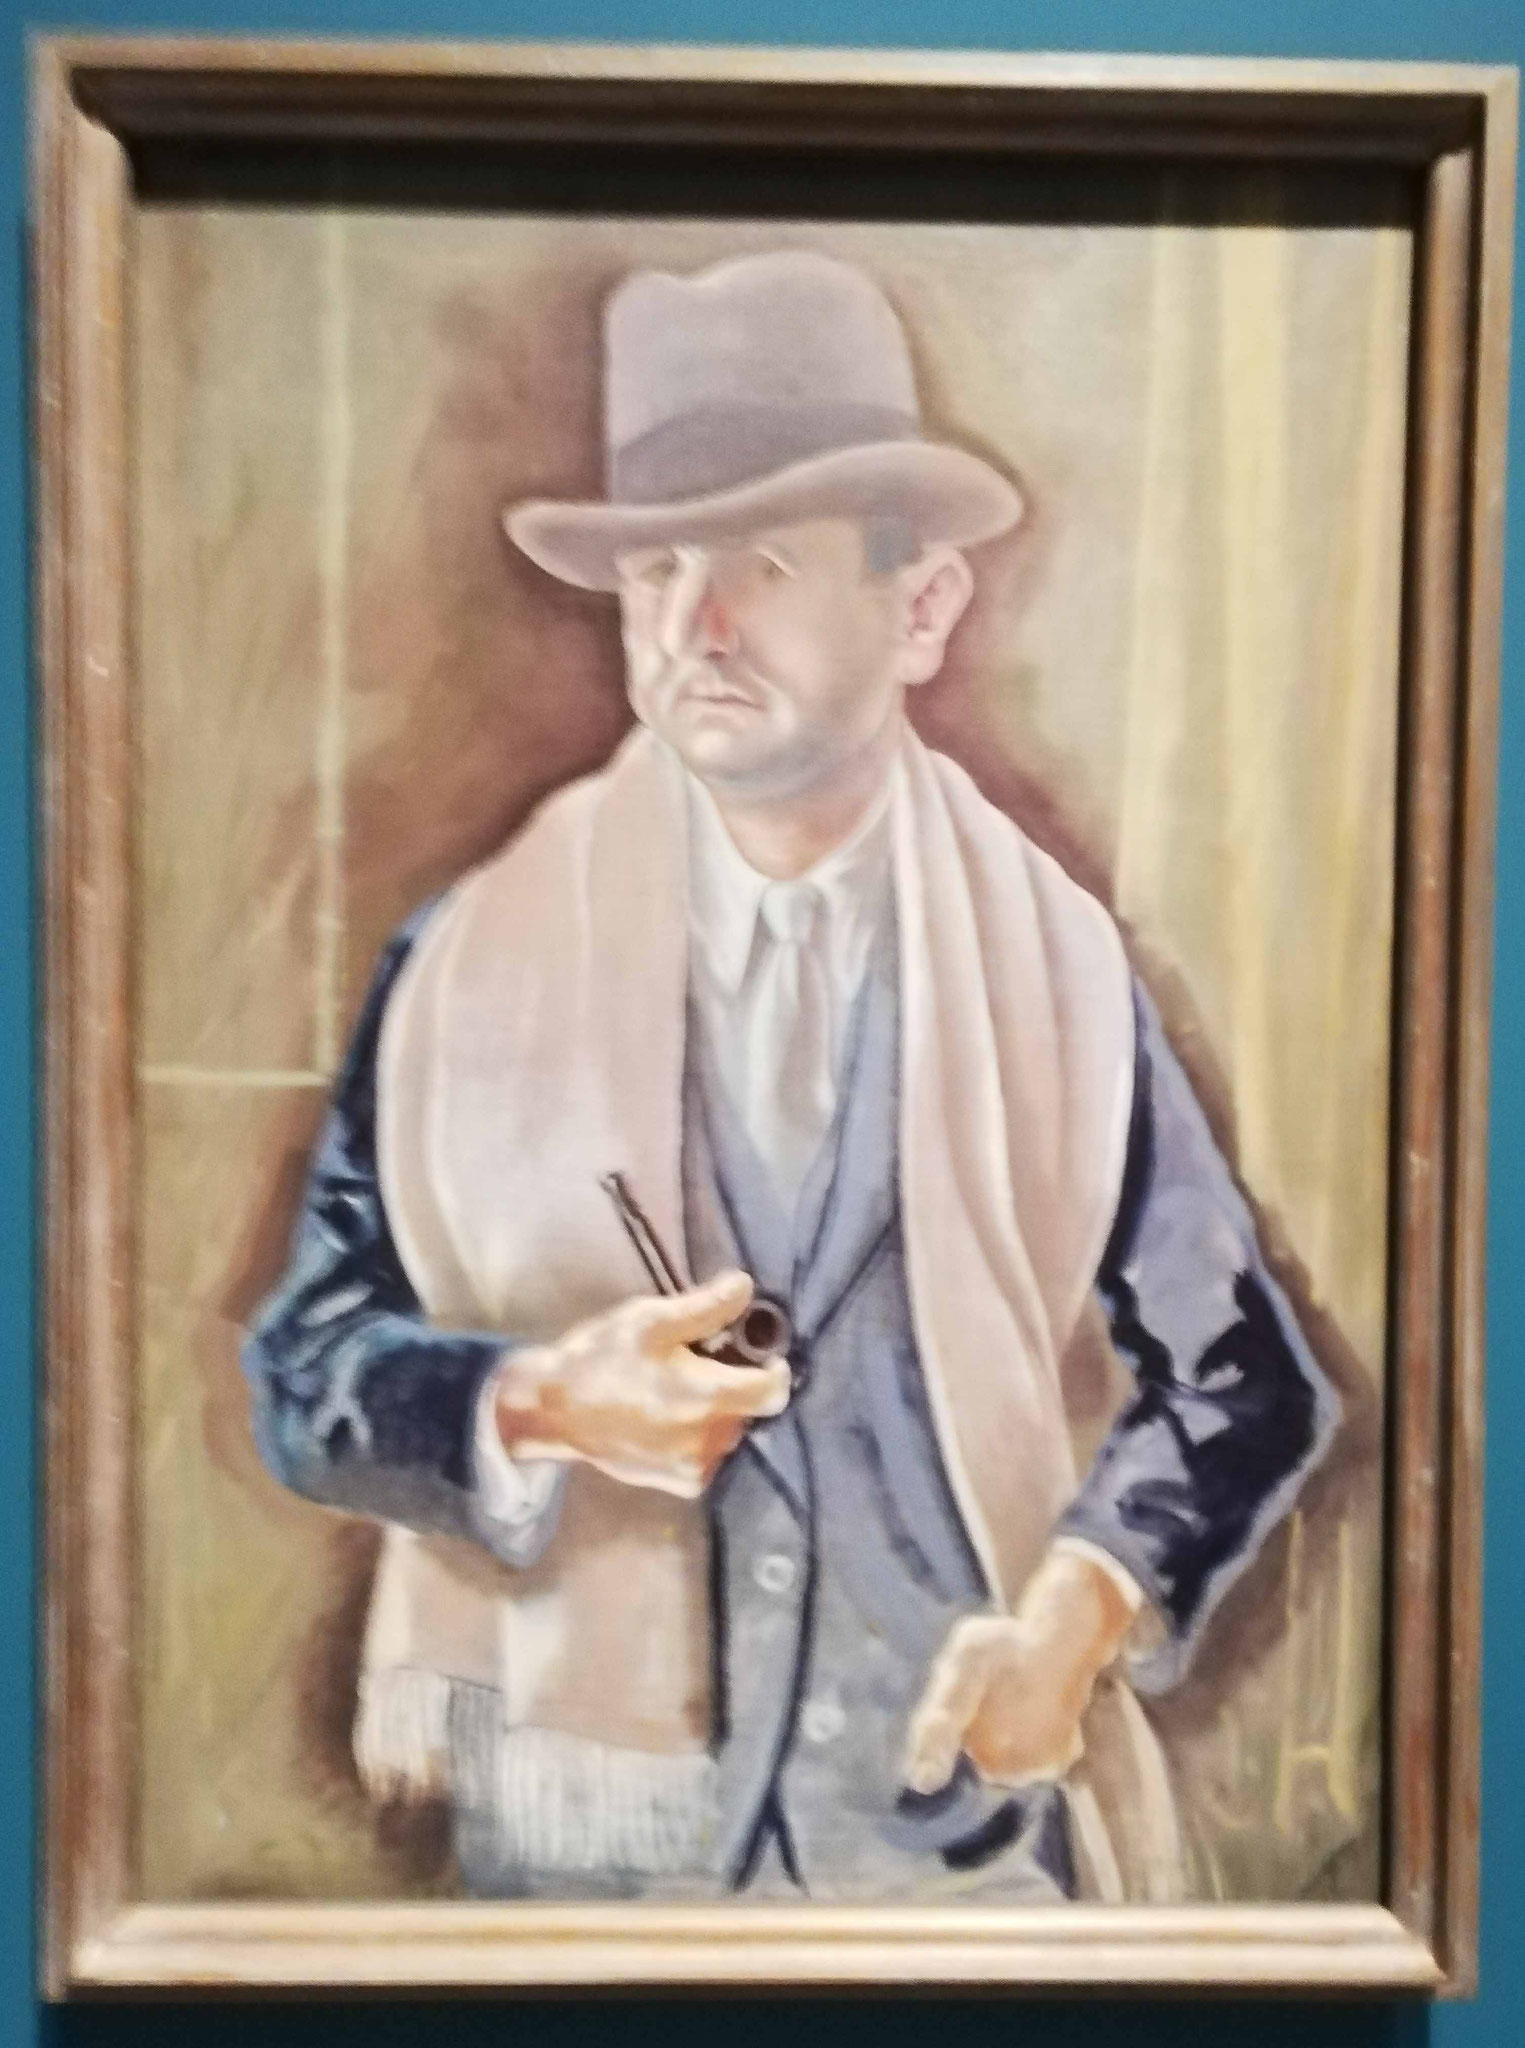 George Grosz, Selbstbildnis mit Hut, 1928